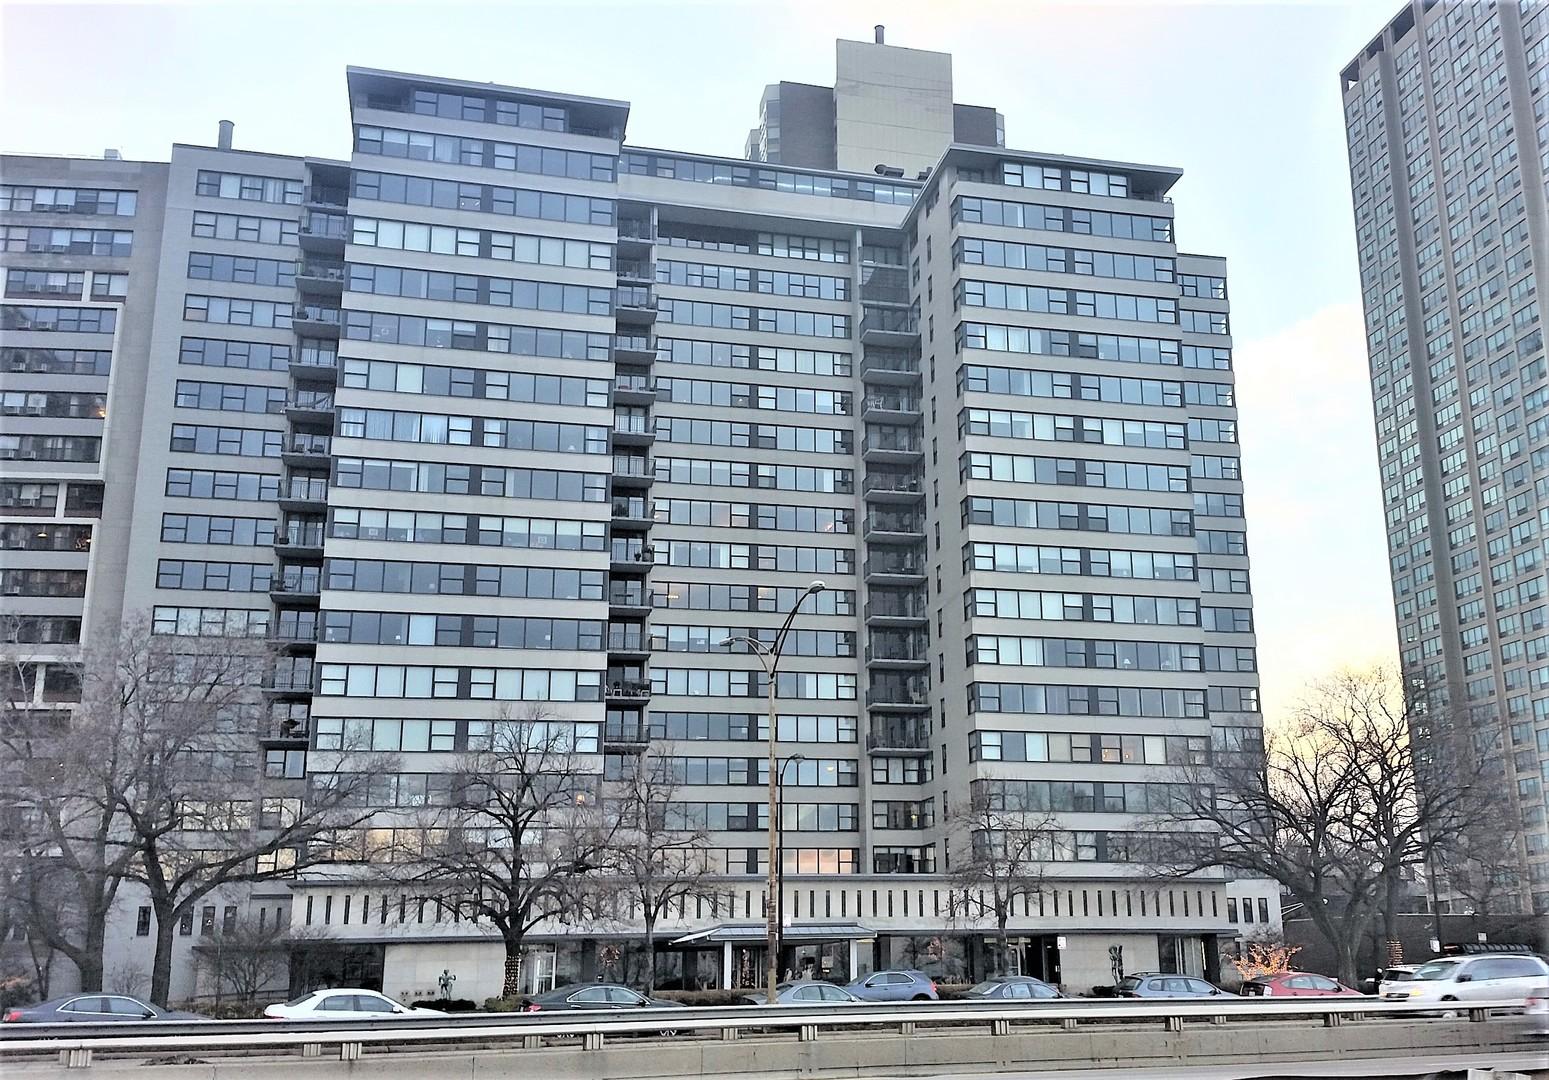 primary photo for 3430 North Lake Shore Drive 5L, Chicago, IL 60657, US